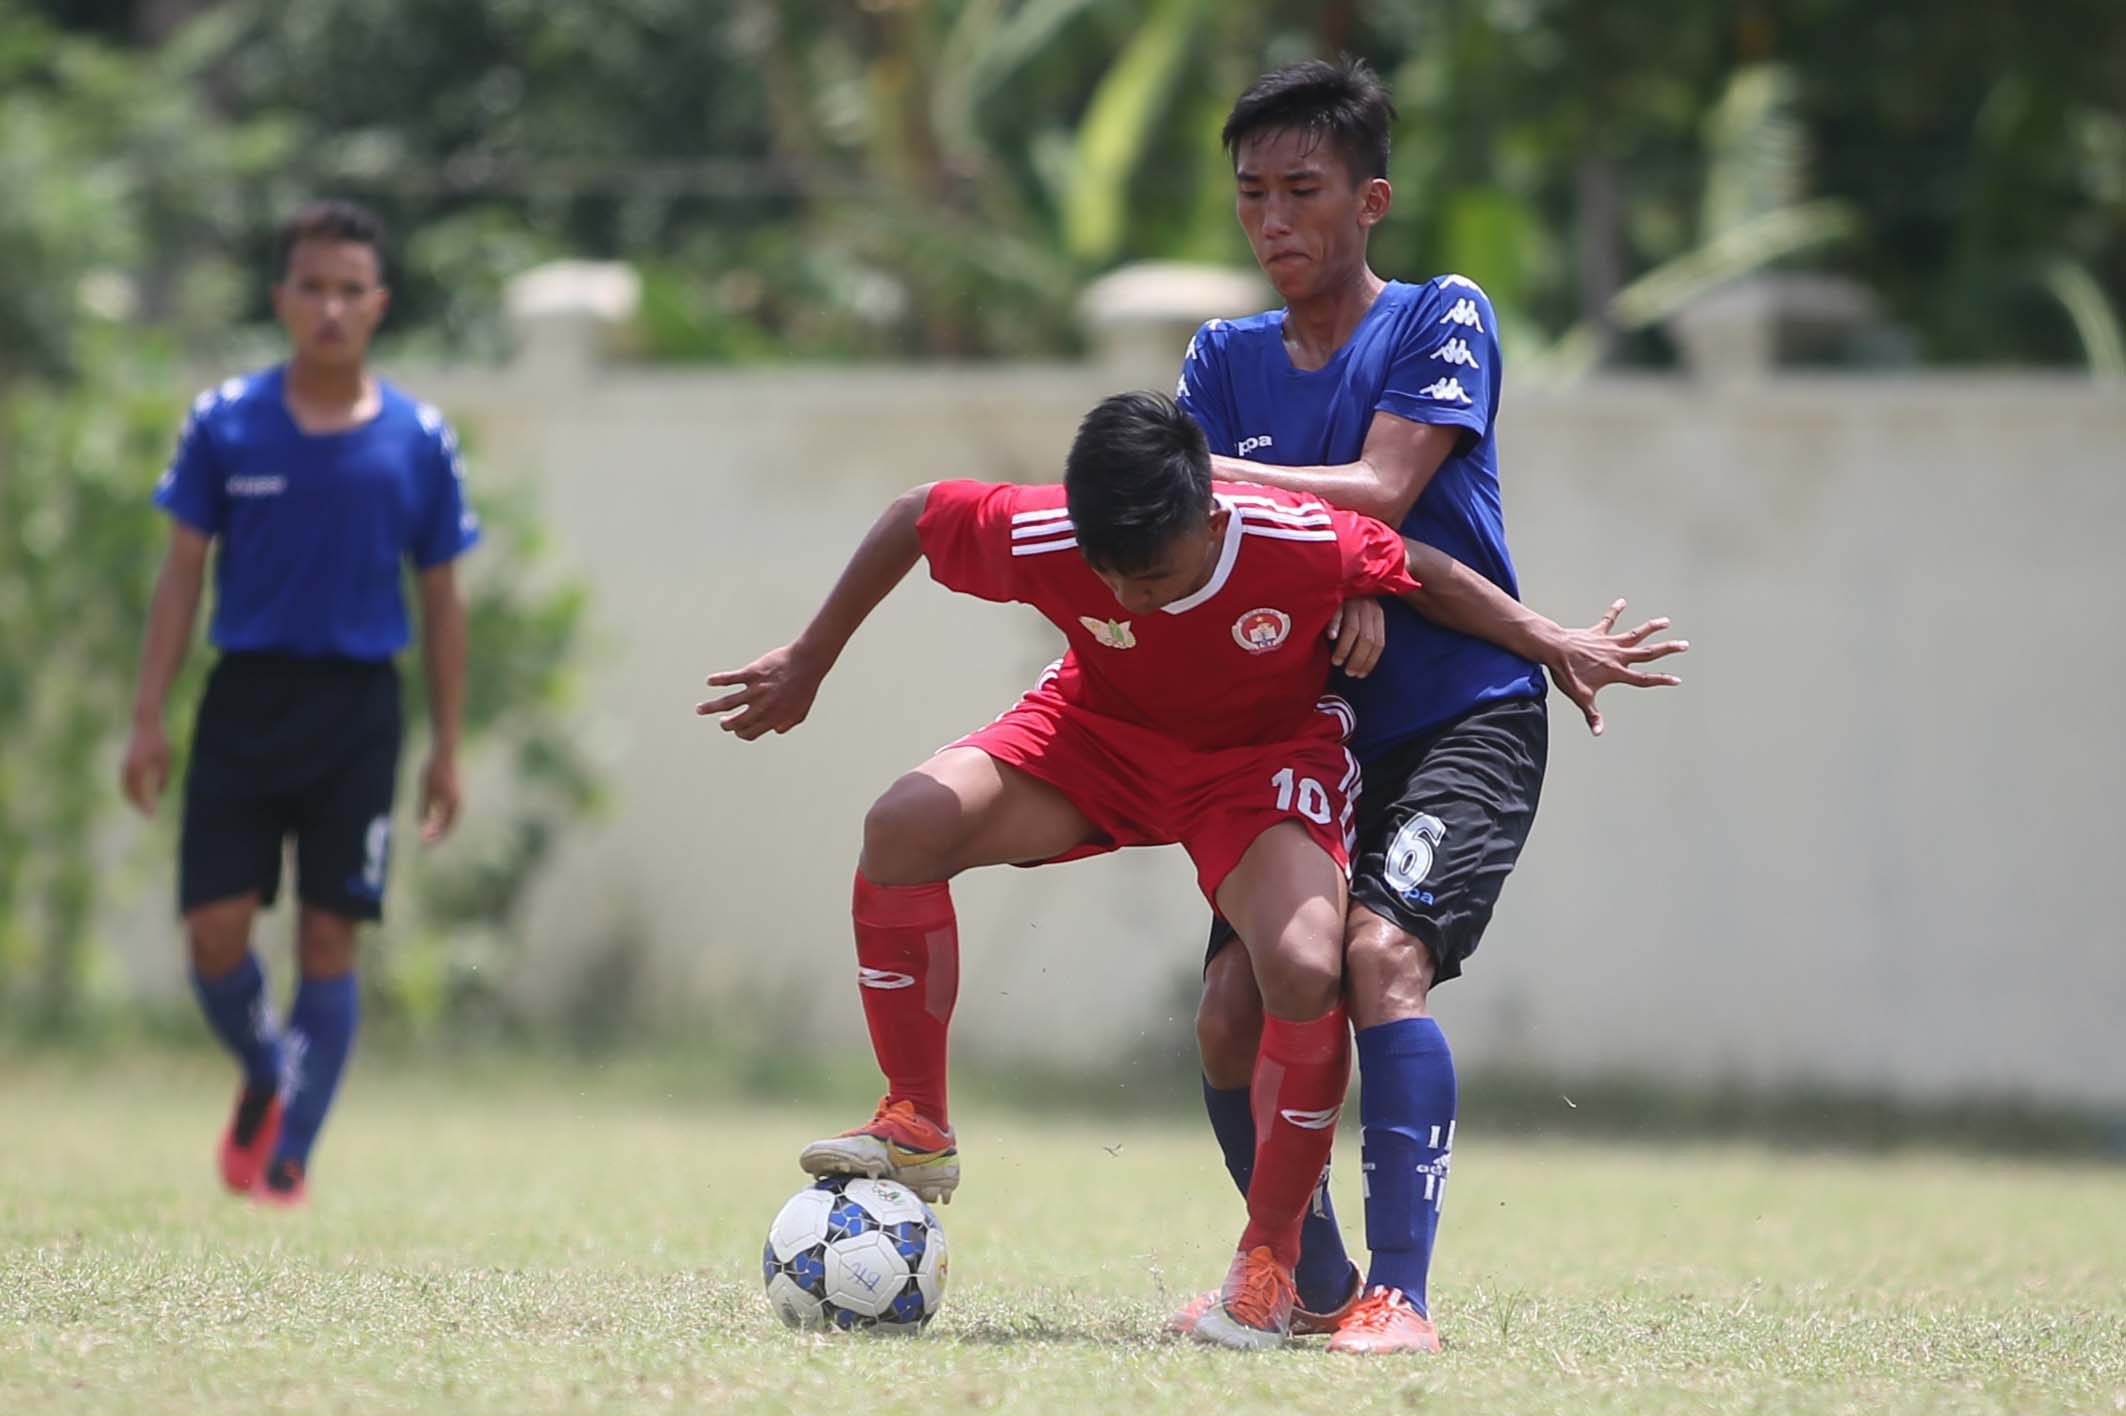 Cầu thủ Nguyễn Văn Thời (6) của đội Quảng Ngãi thi đấu ở môn bóng đá nam THPT tại HKPĐ... (ảnh: Anh Hải)